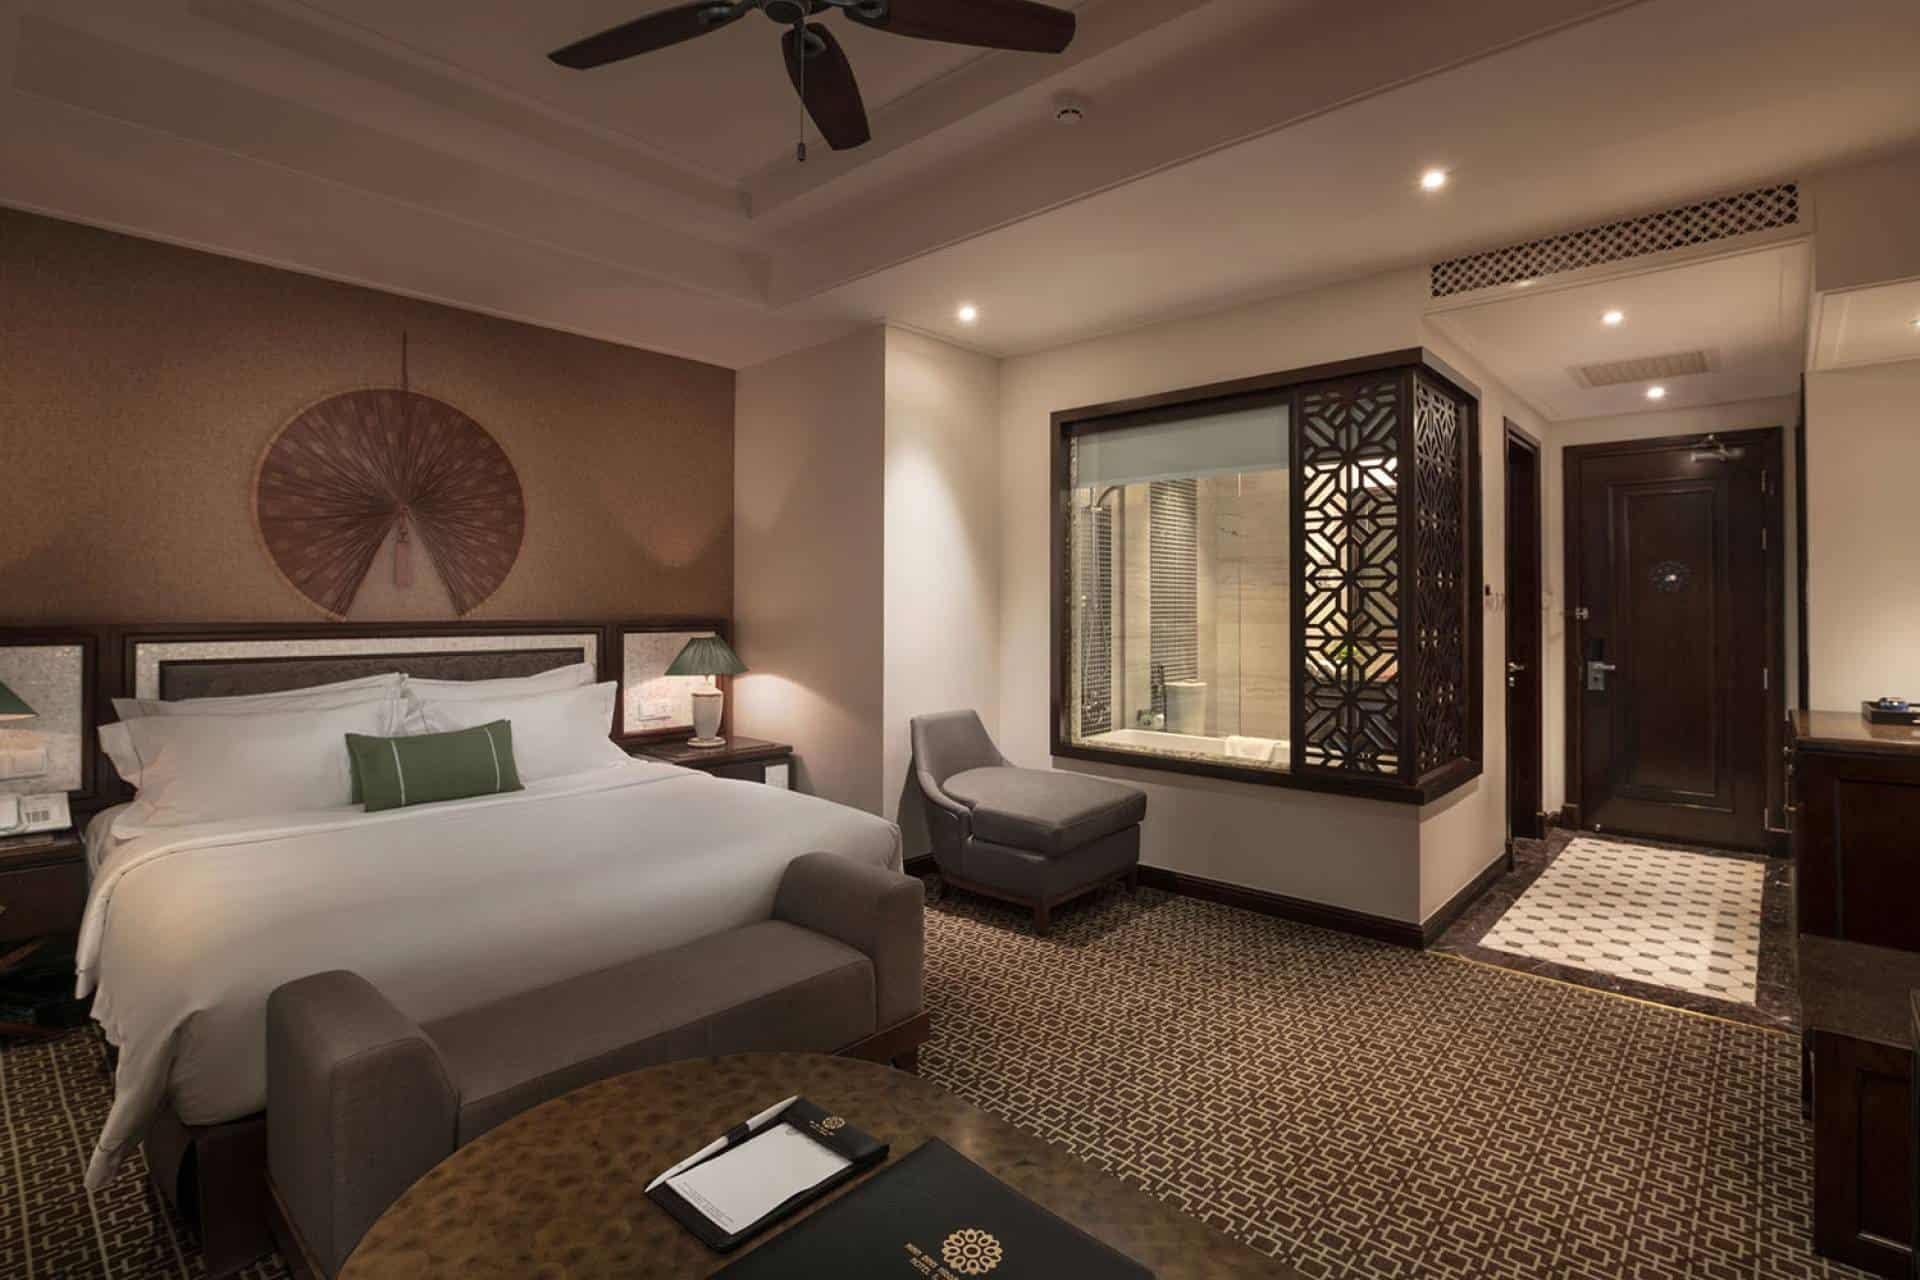 Chất liệu gỗ tự nhiên cùng tông màu trầm ấm là đặc trưng của tất cả các phòng nghỉ tại đây